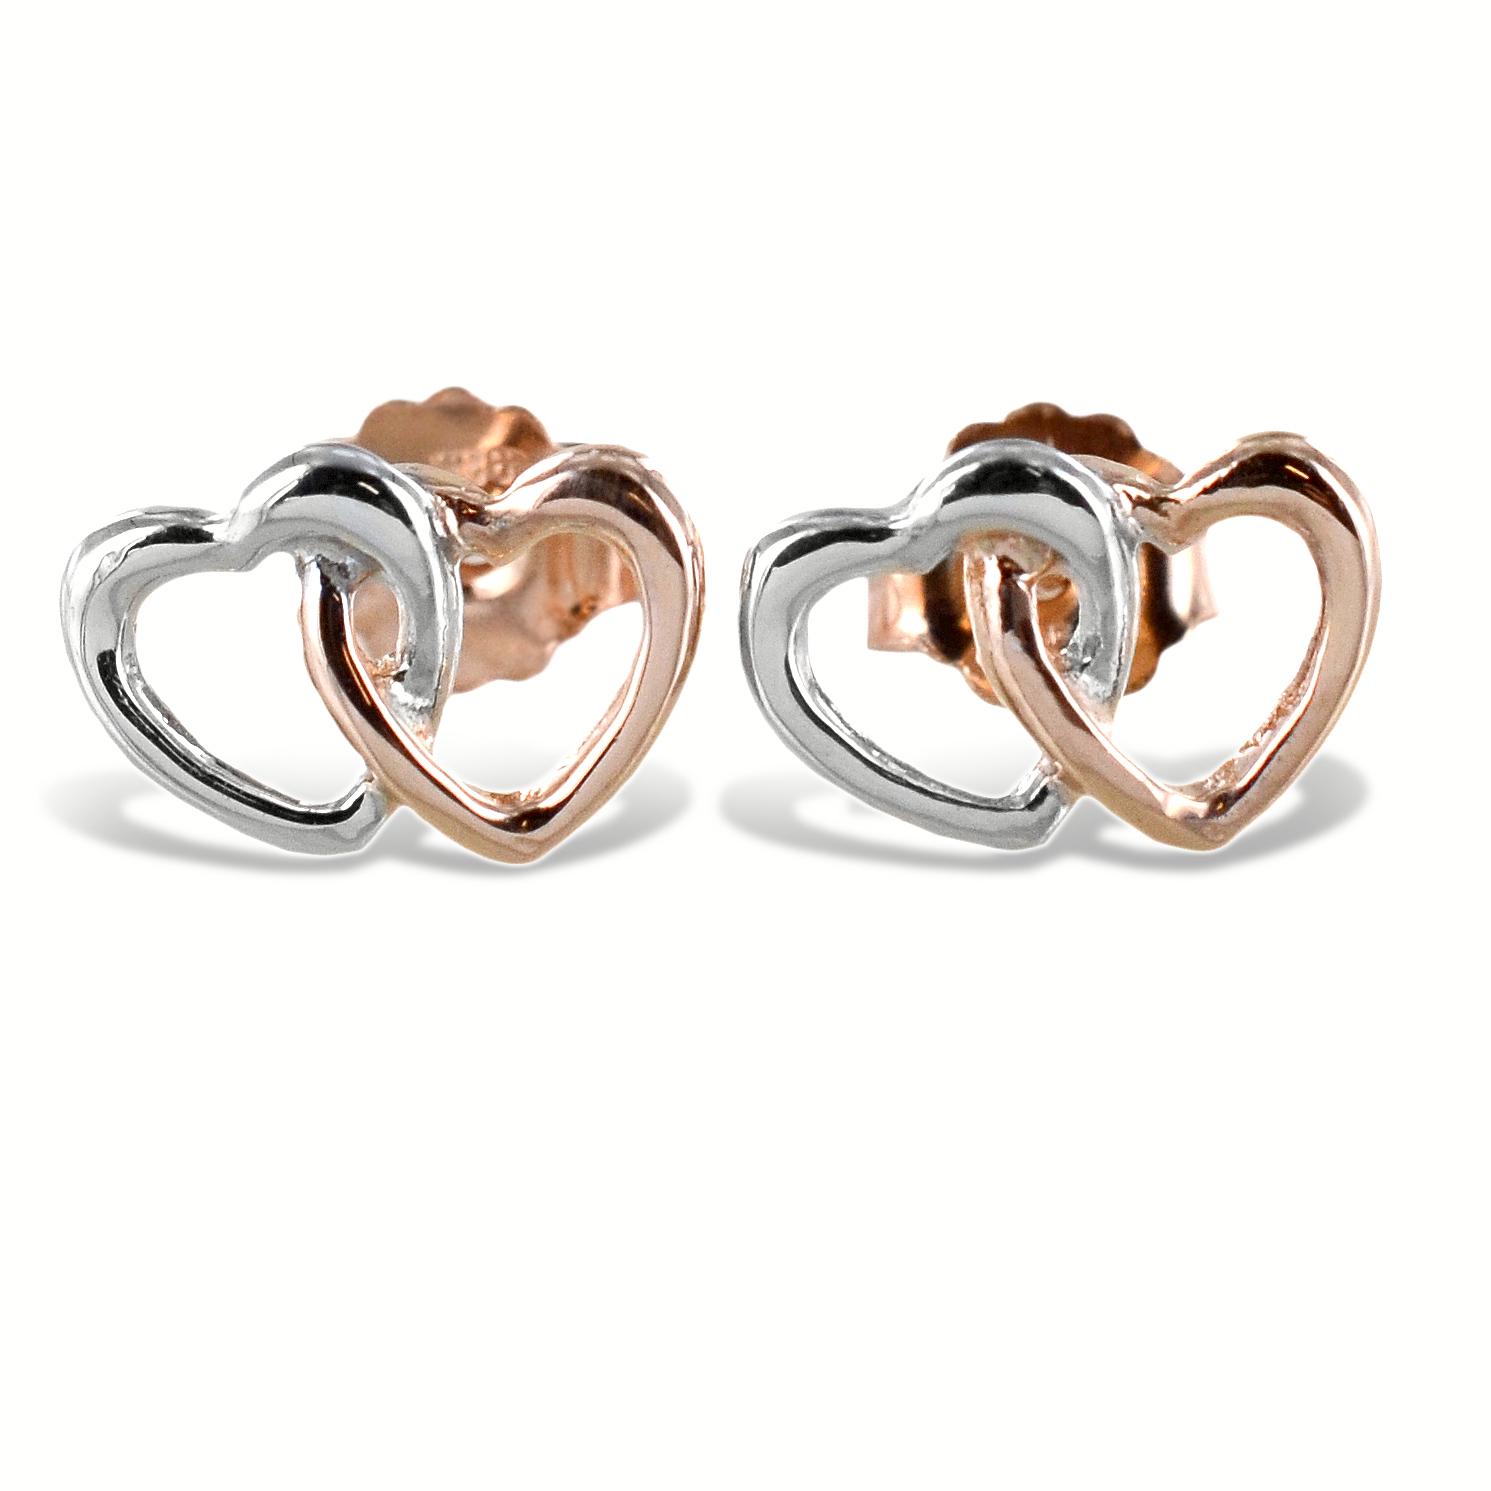 Orecchini doppio cuore intrecciato in argento rose